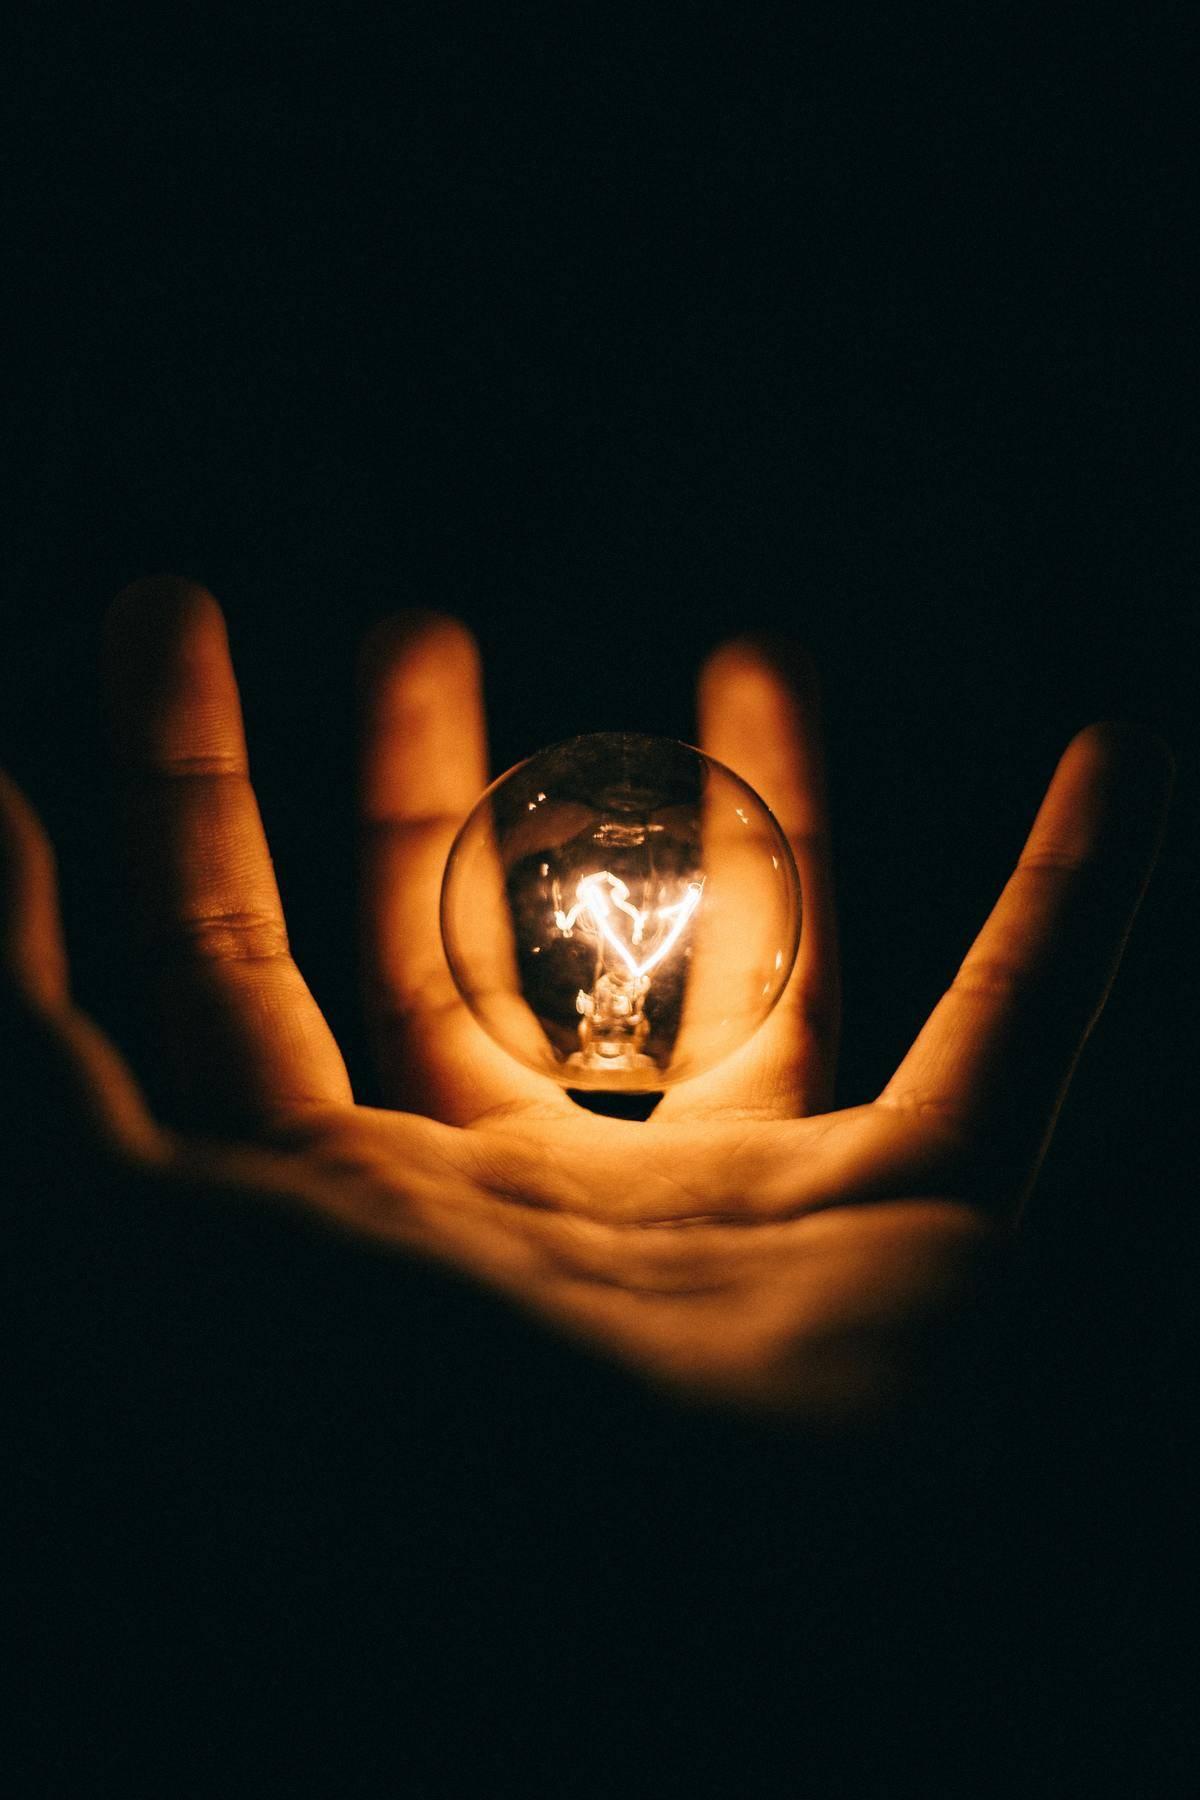 hand holding lightbulb that's lit